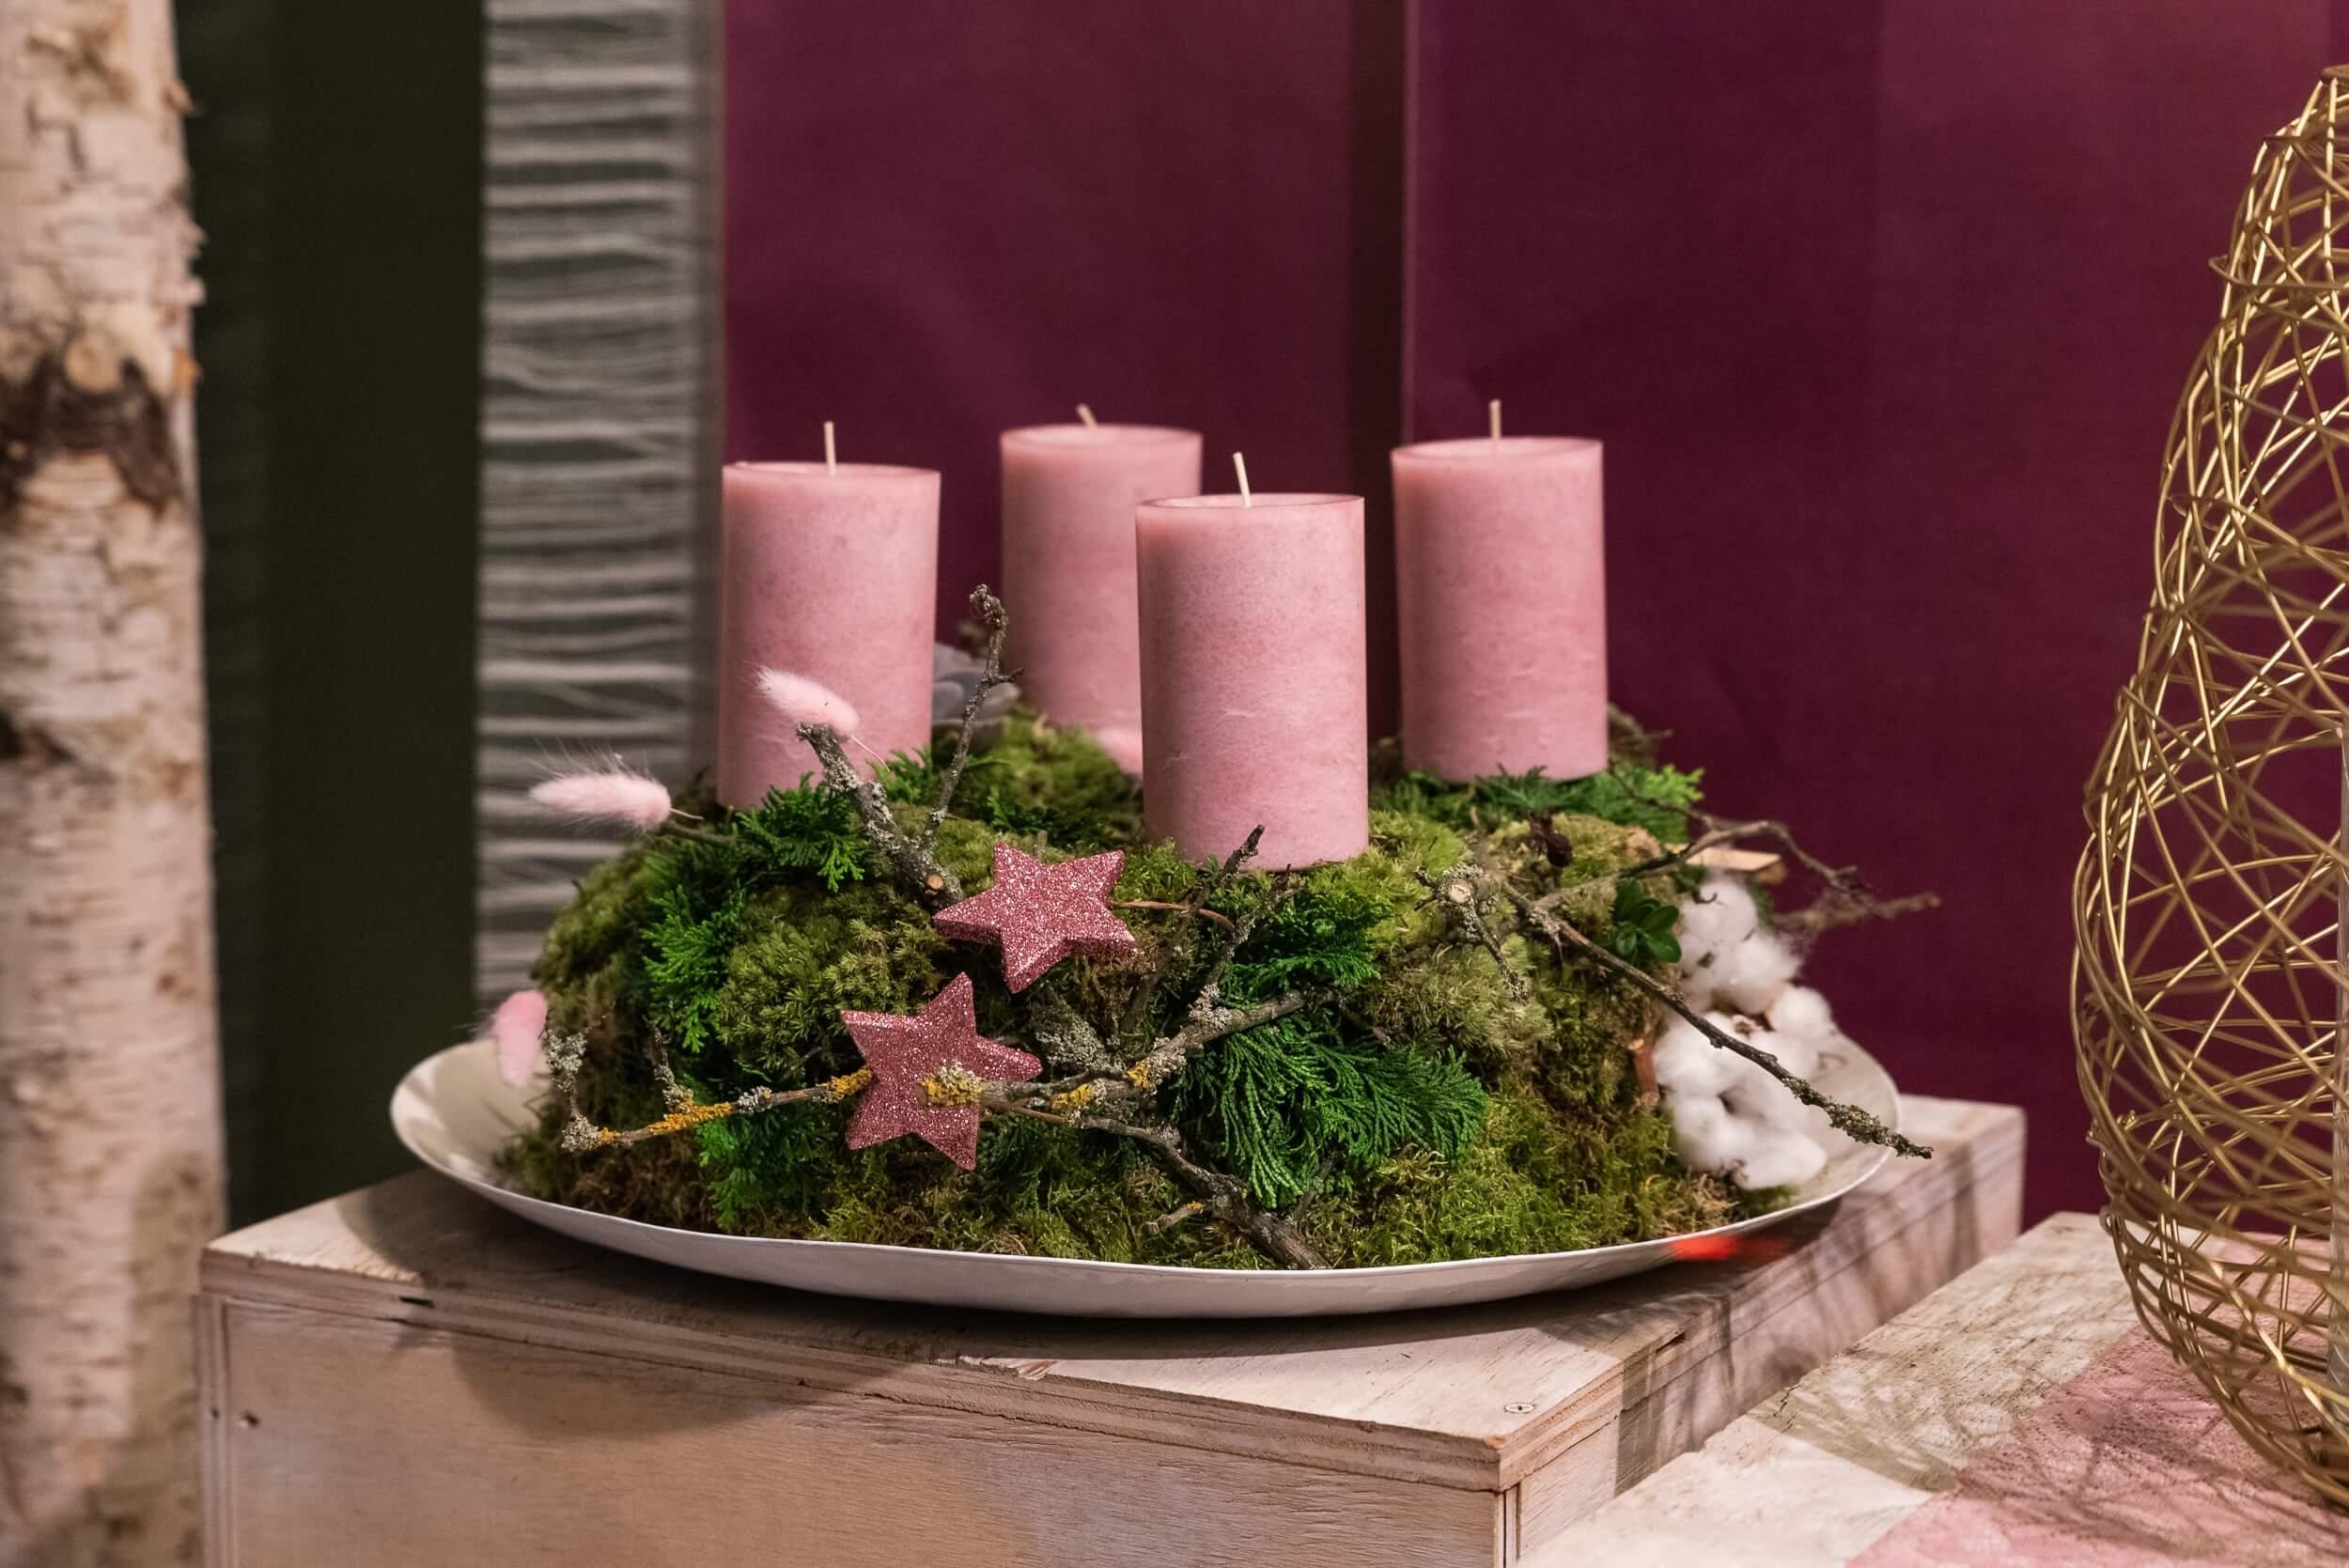 Adventskranz auf Teller mit rosanen Kerzen